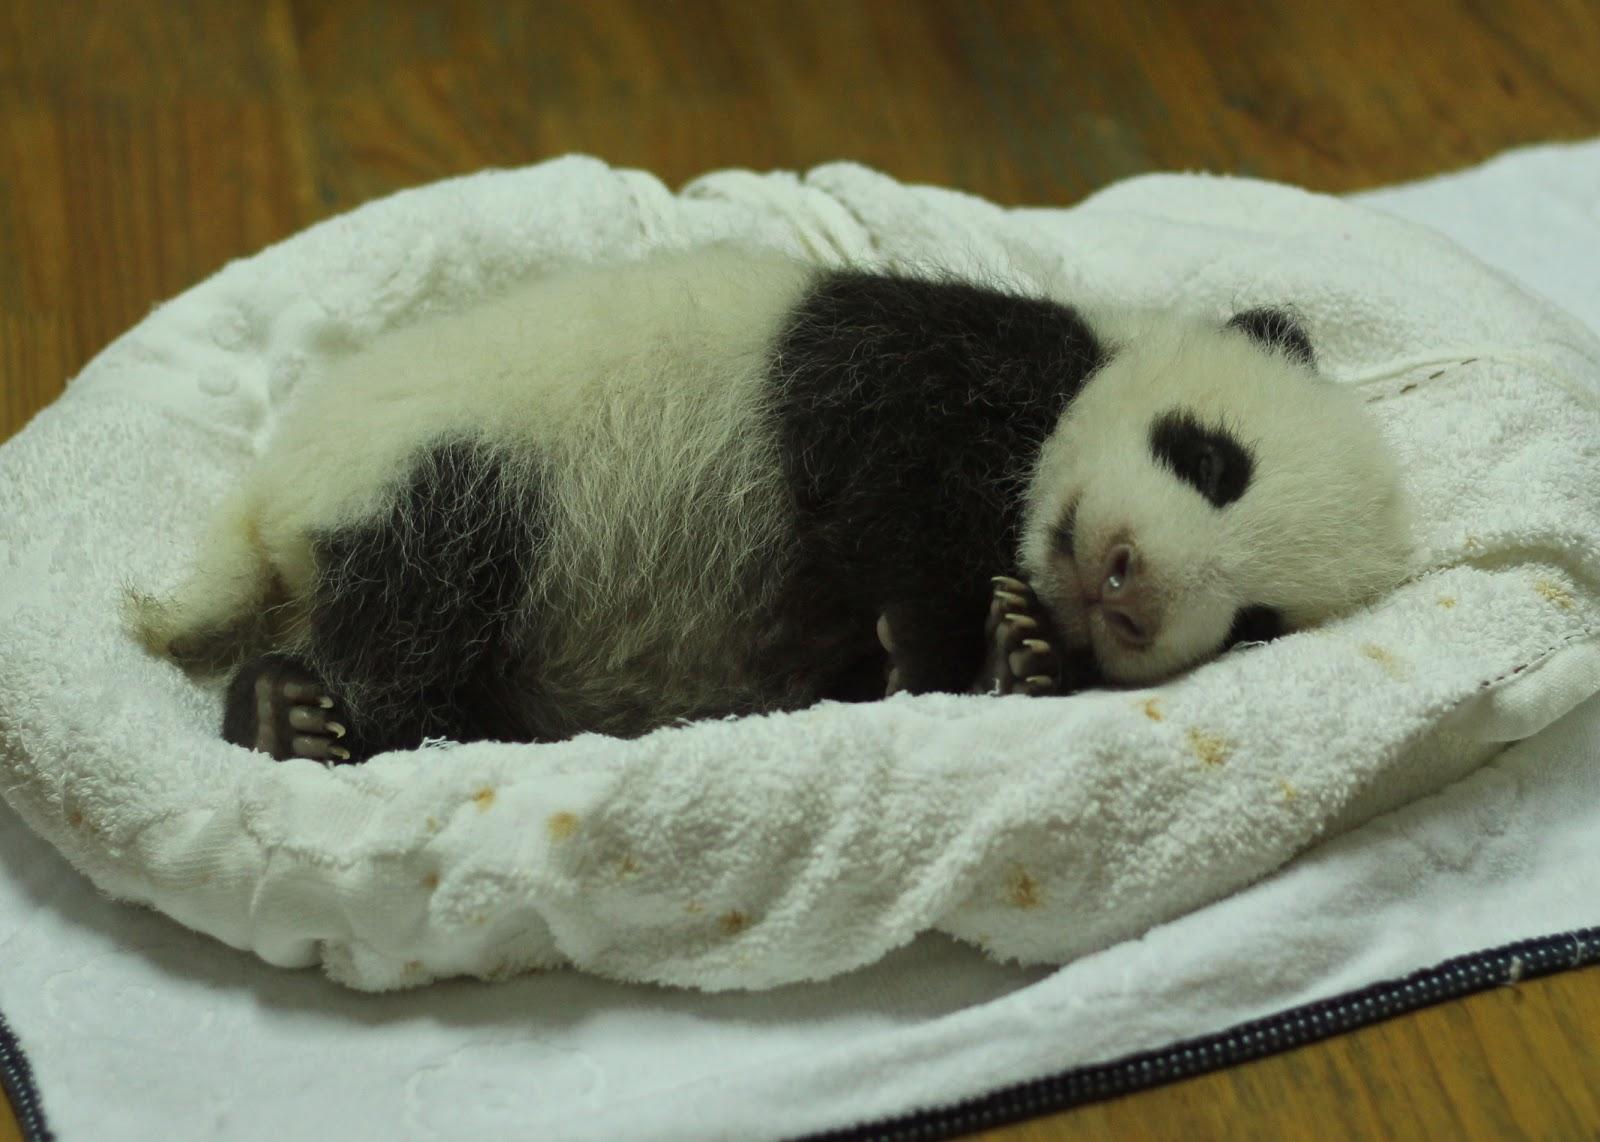 バスケットの中で寝ている生後一ヵ月の赤ちゃんパンダ